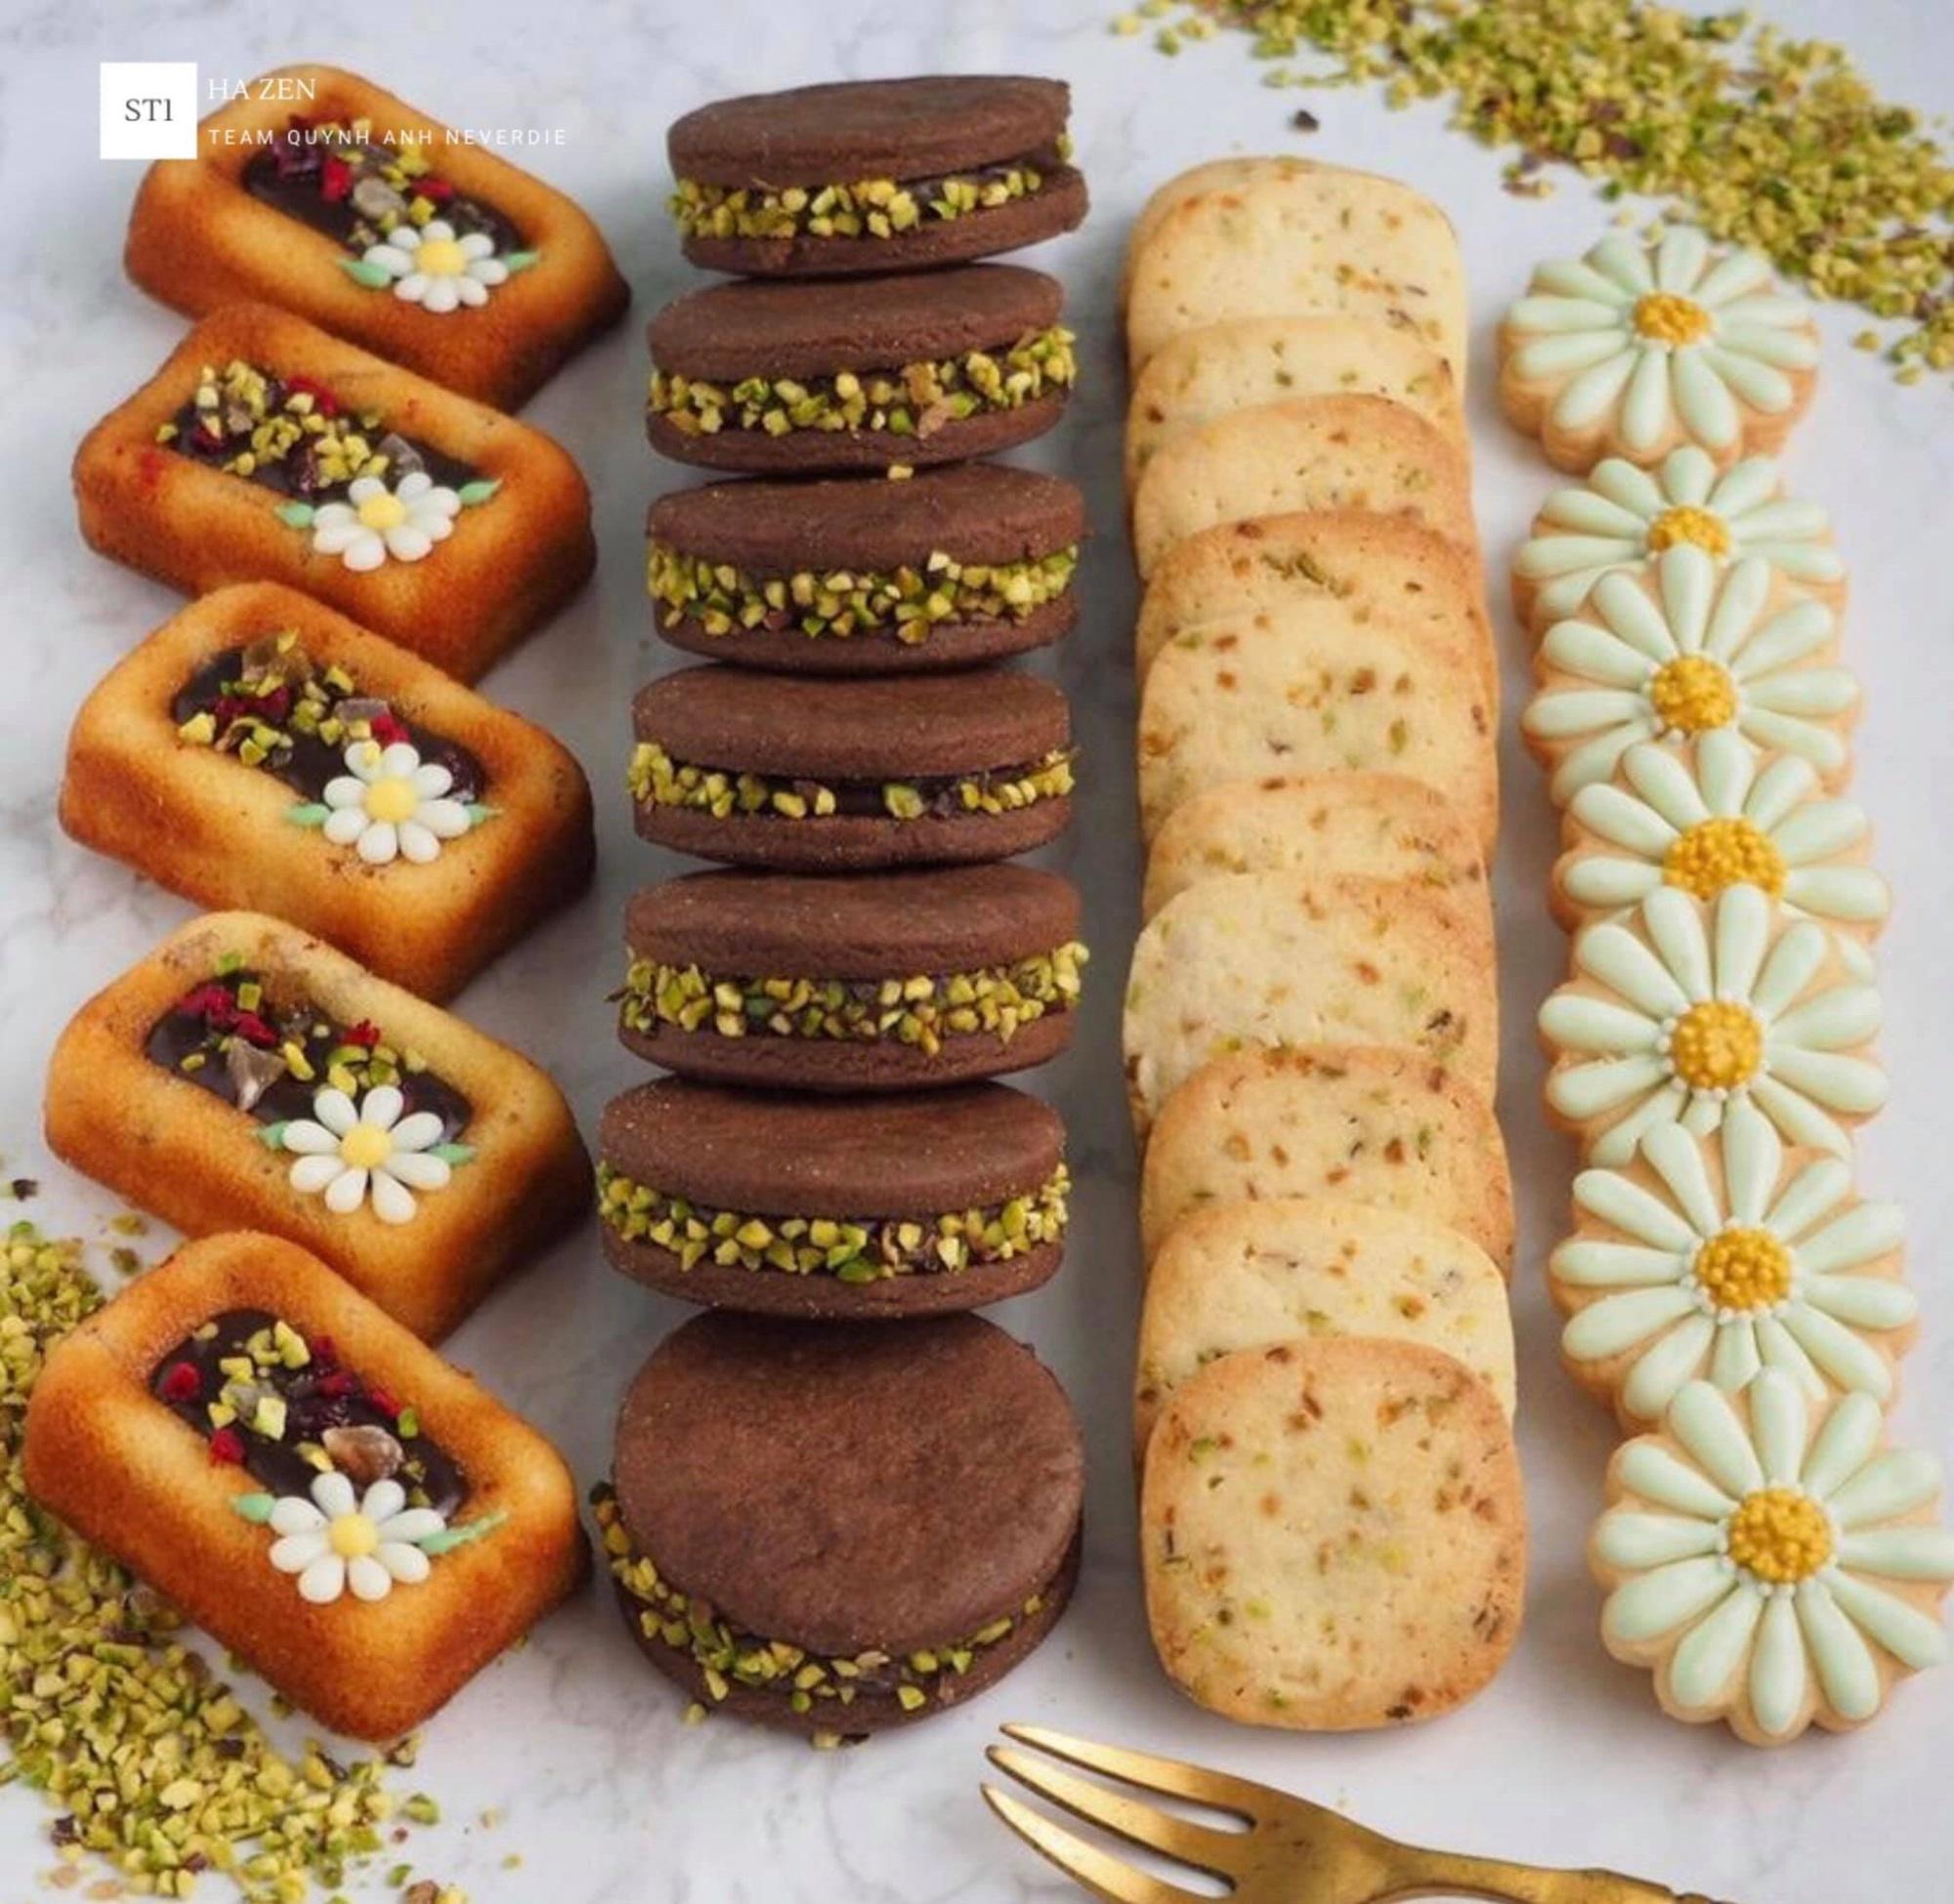 nhung chiec bánh quy  7